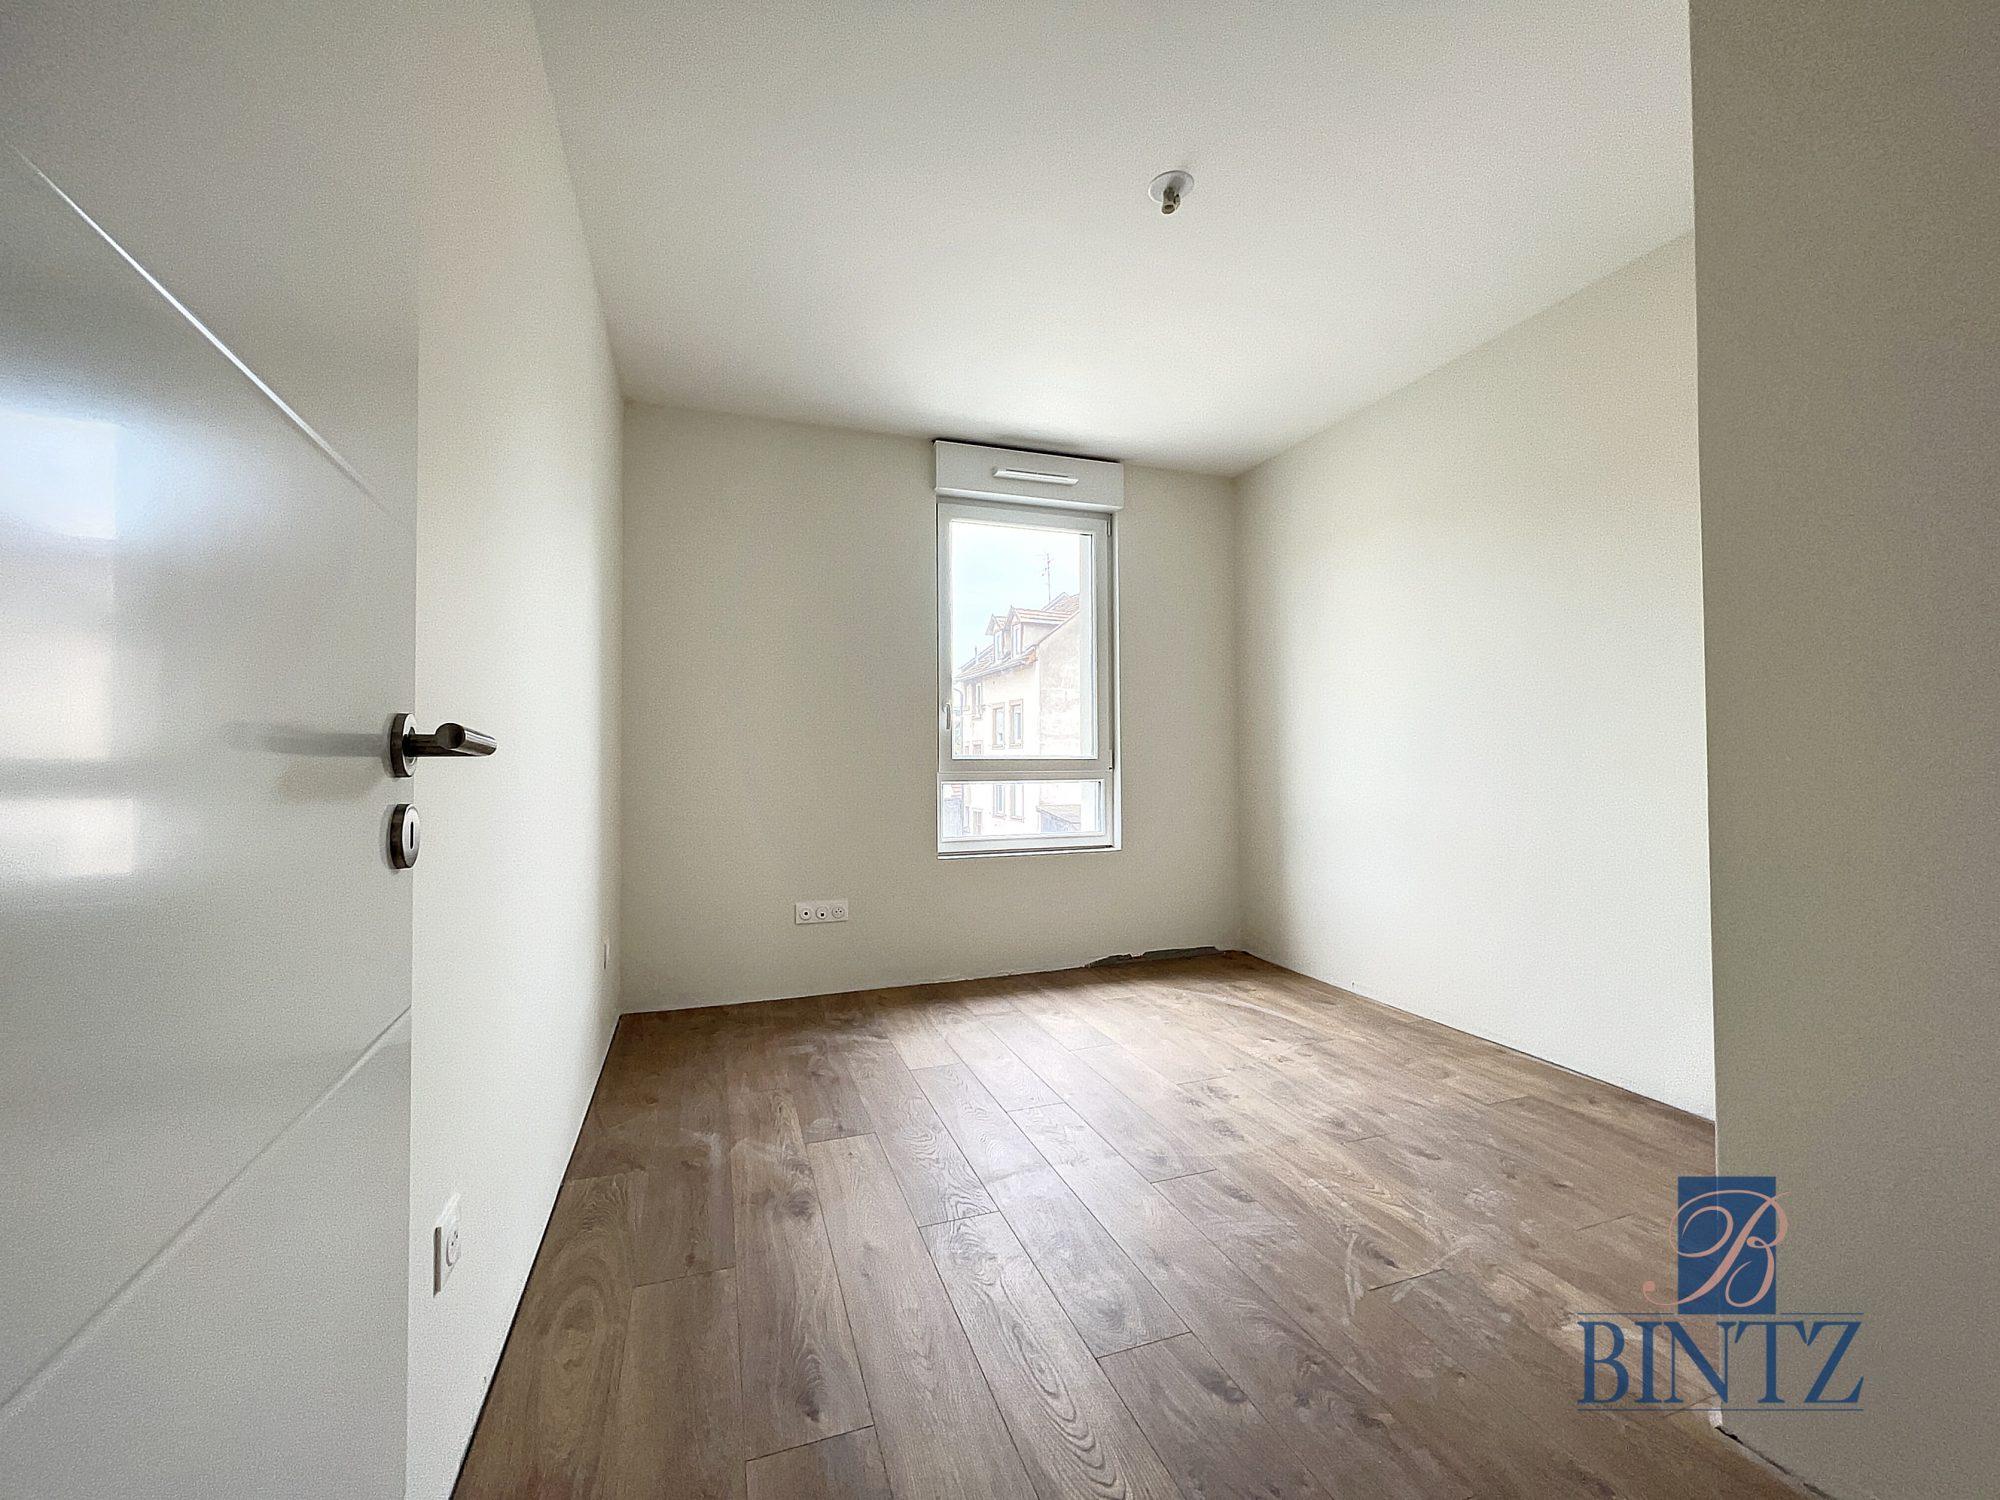 T4/5 AVEC BALCON DANS IMMEULE NEUF - Devenez propriétaire en toute confiance - Bintz Immobilier - 6